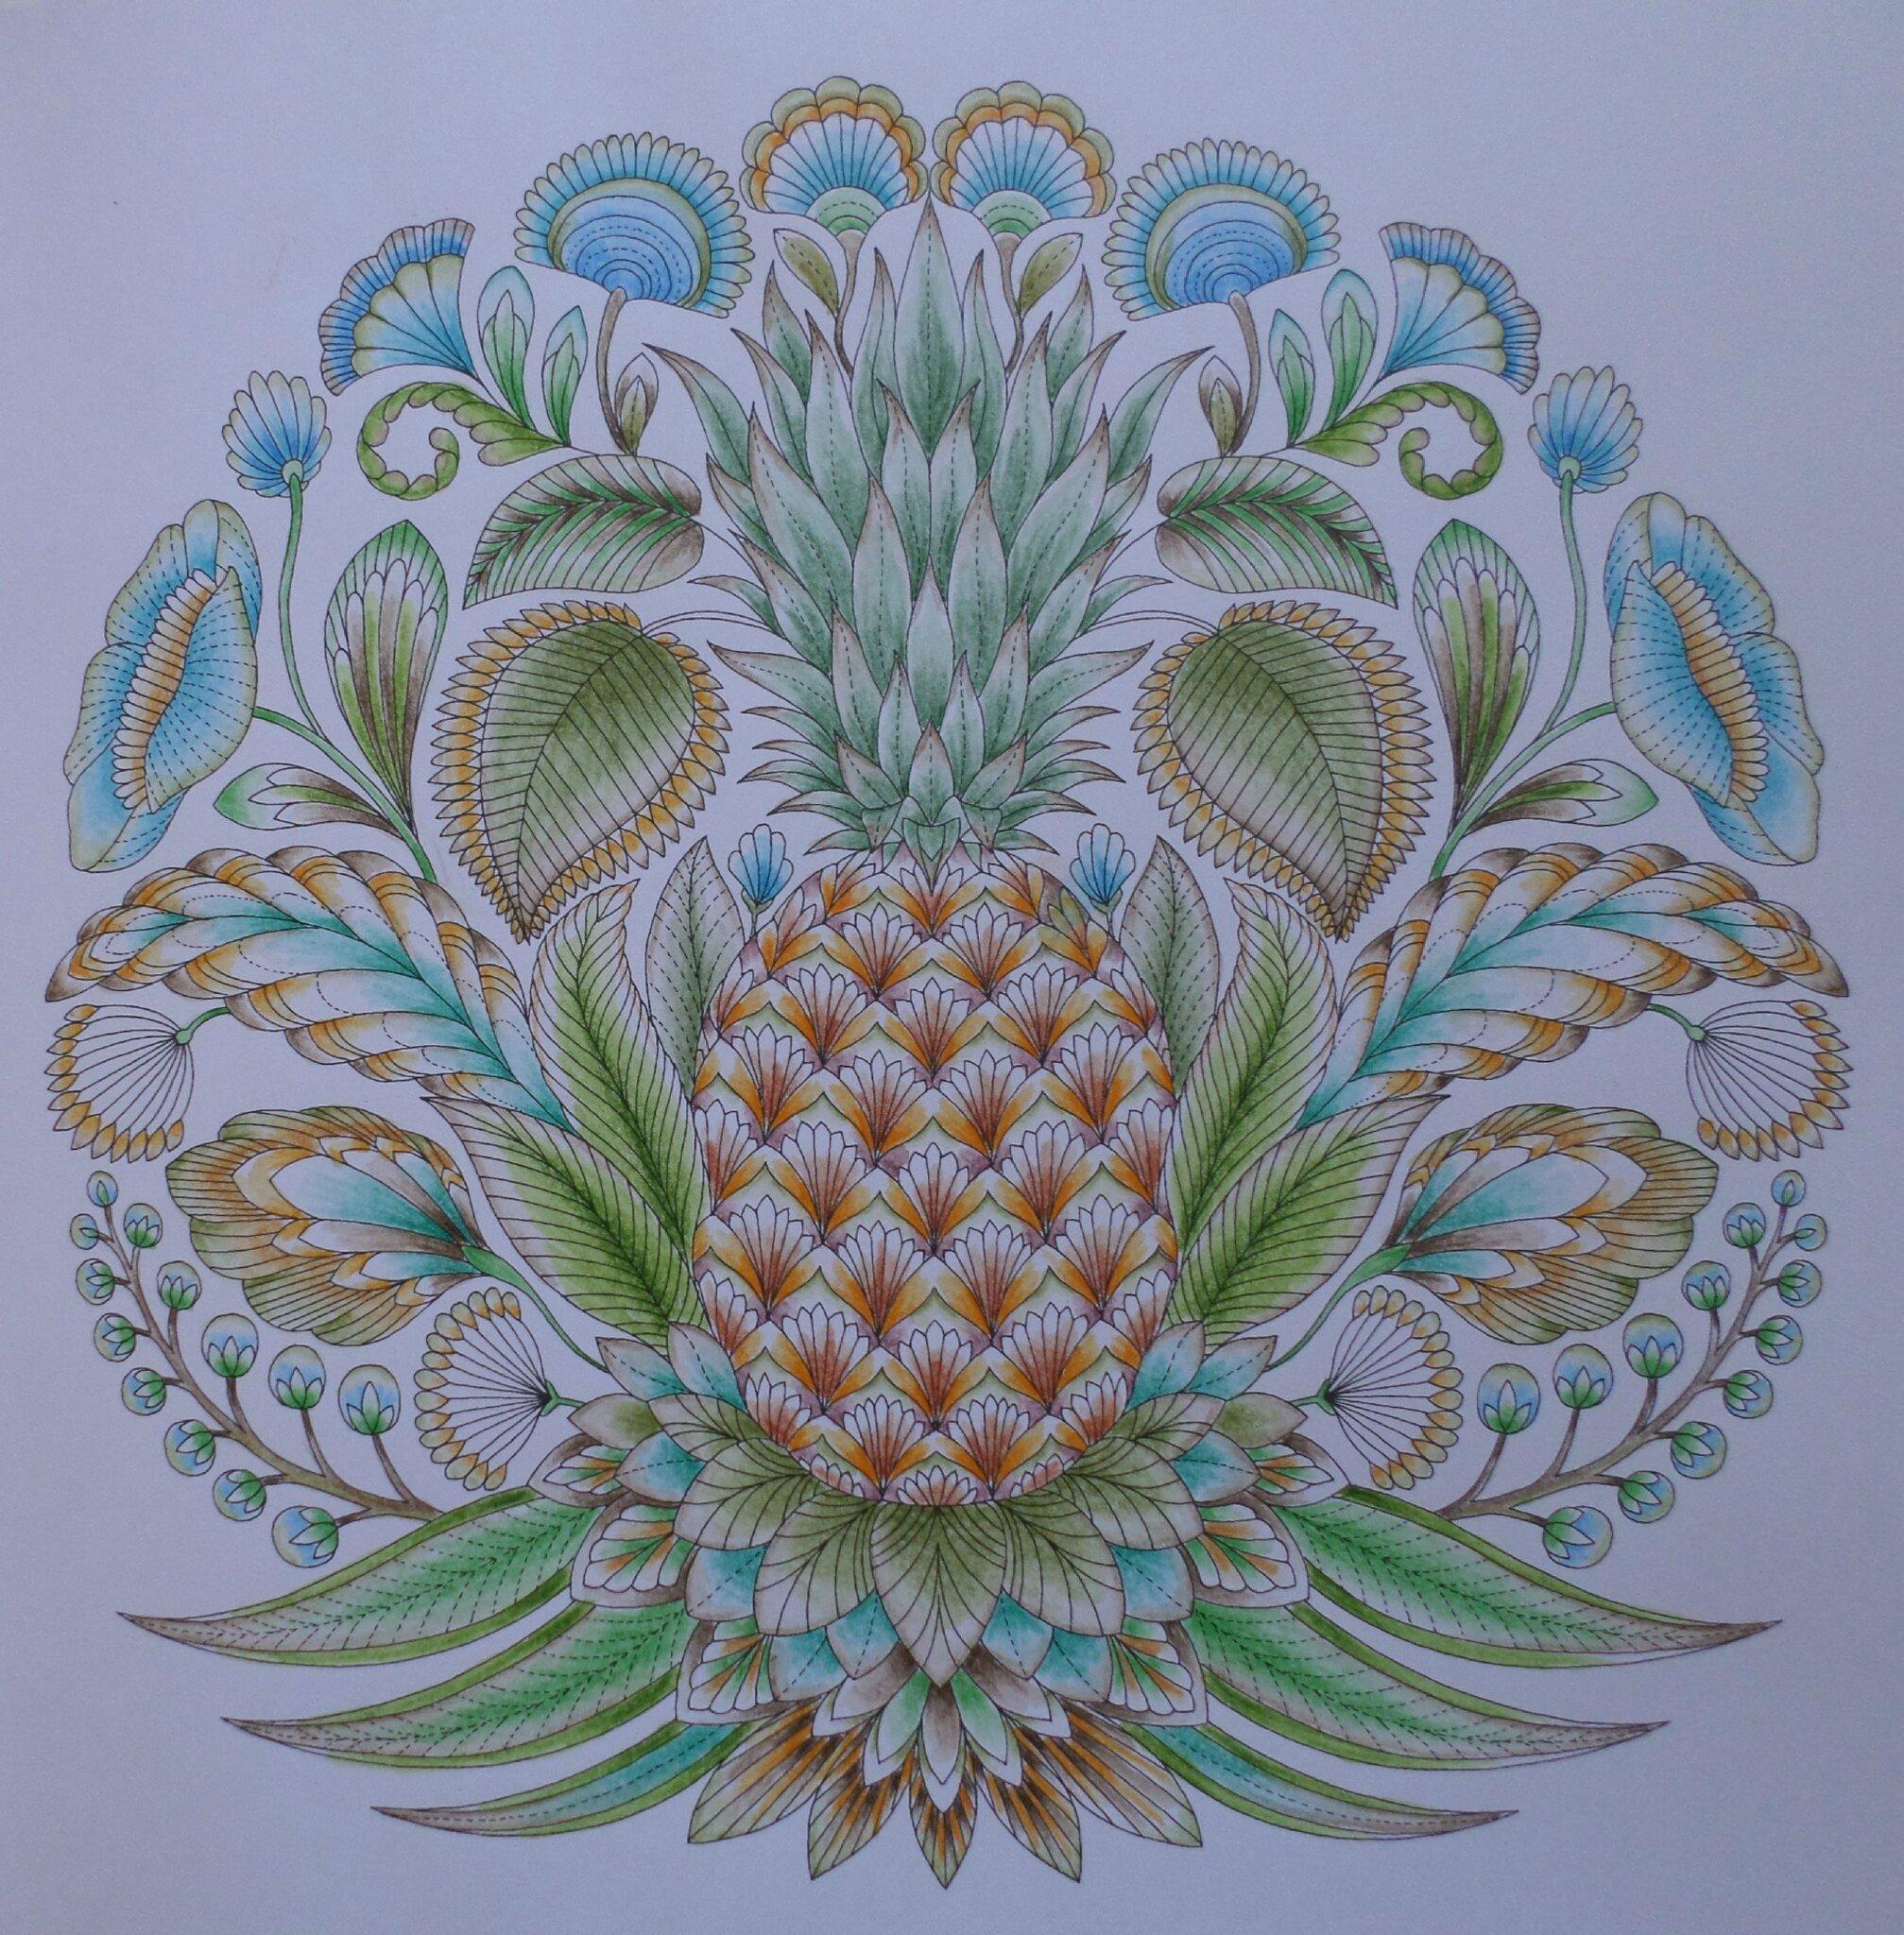 Coloriage La Foret Tropicale.Grand Ananas De La Foret Tropicale Steffy Elsass Crea